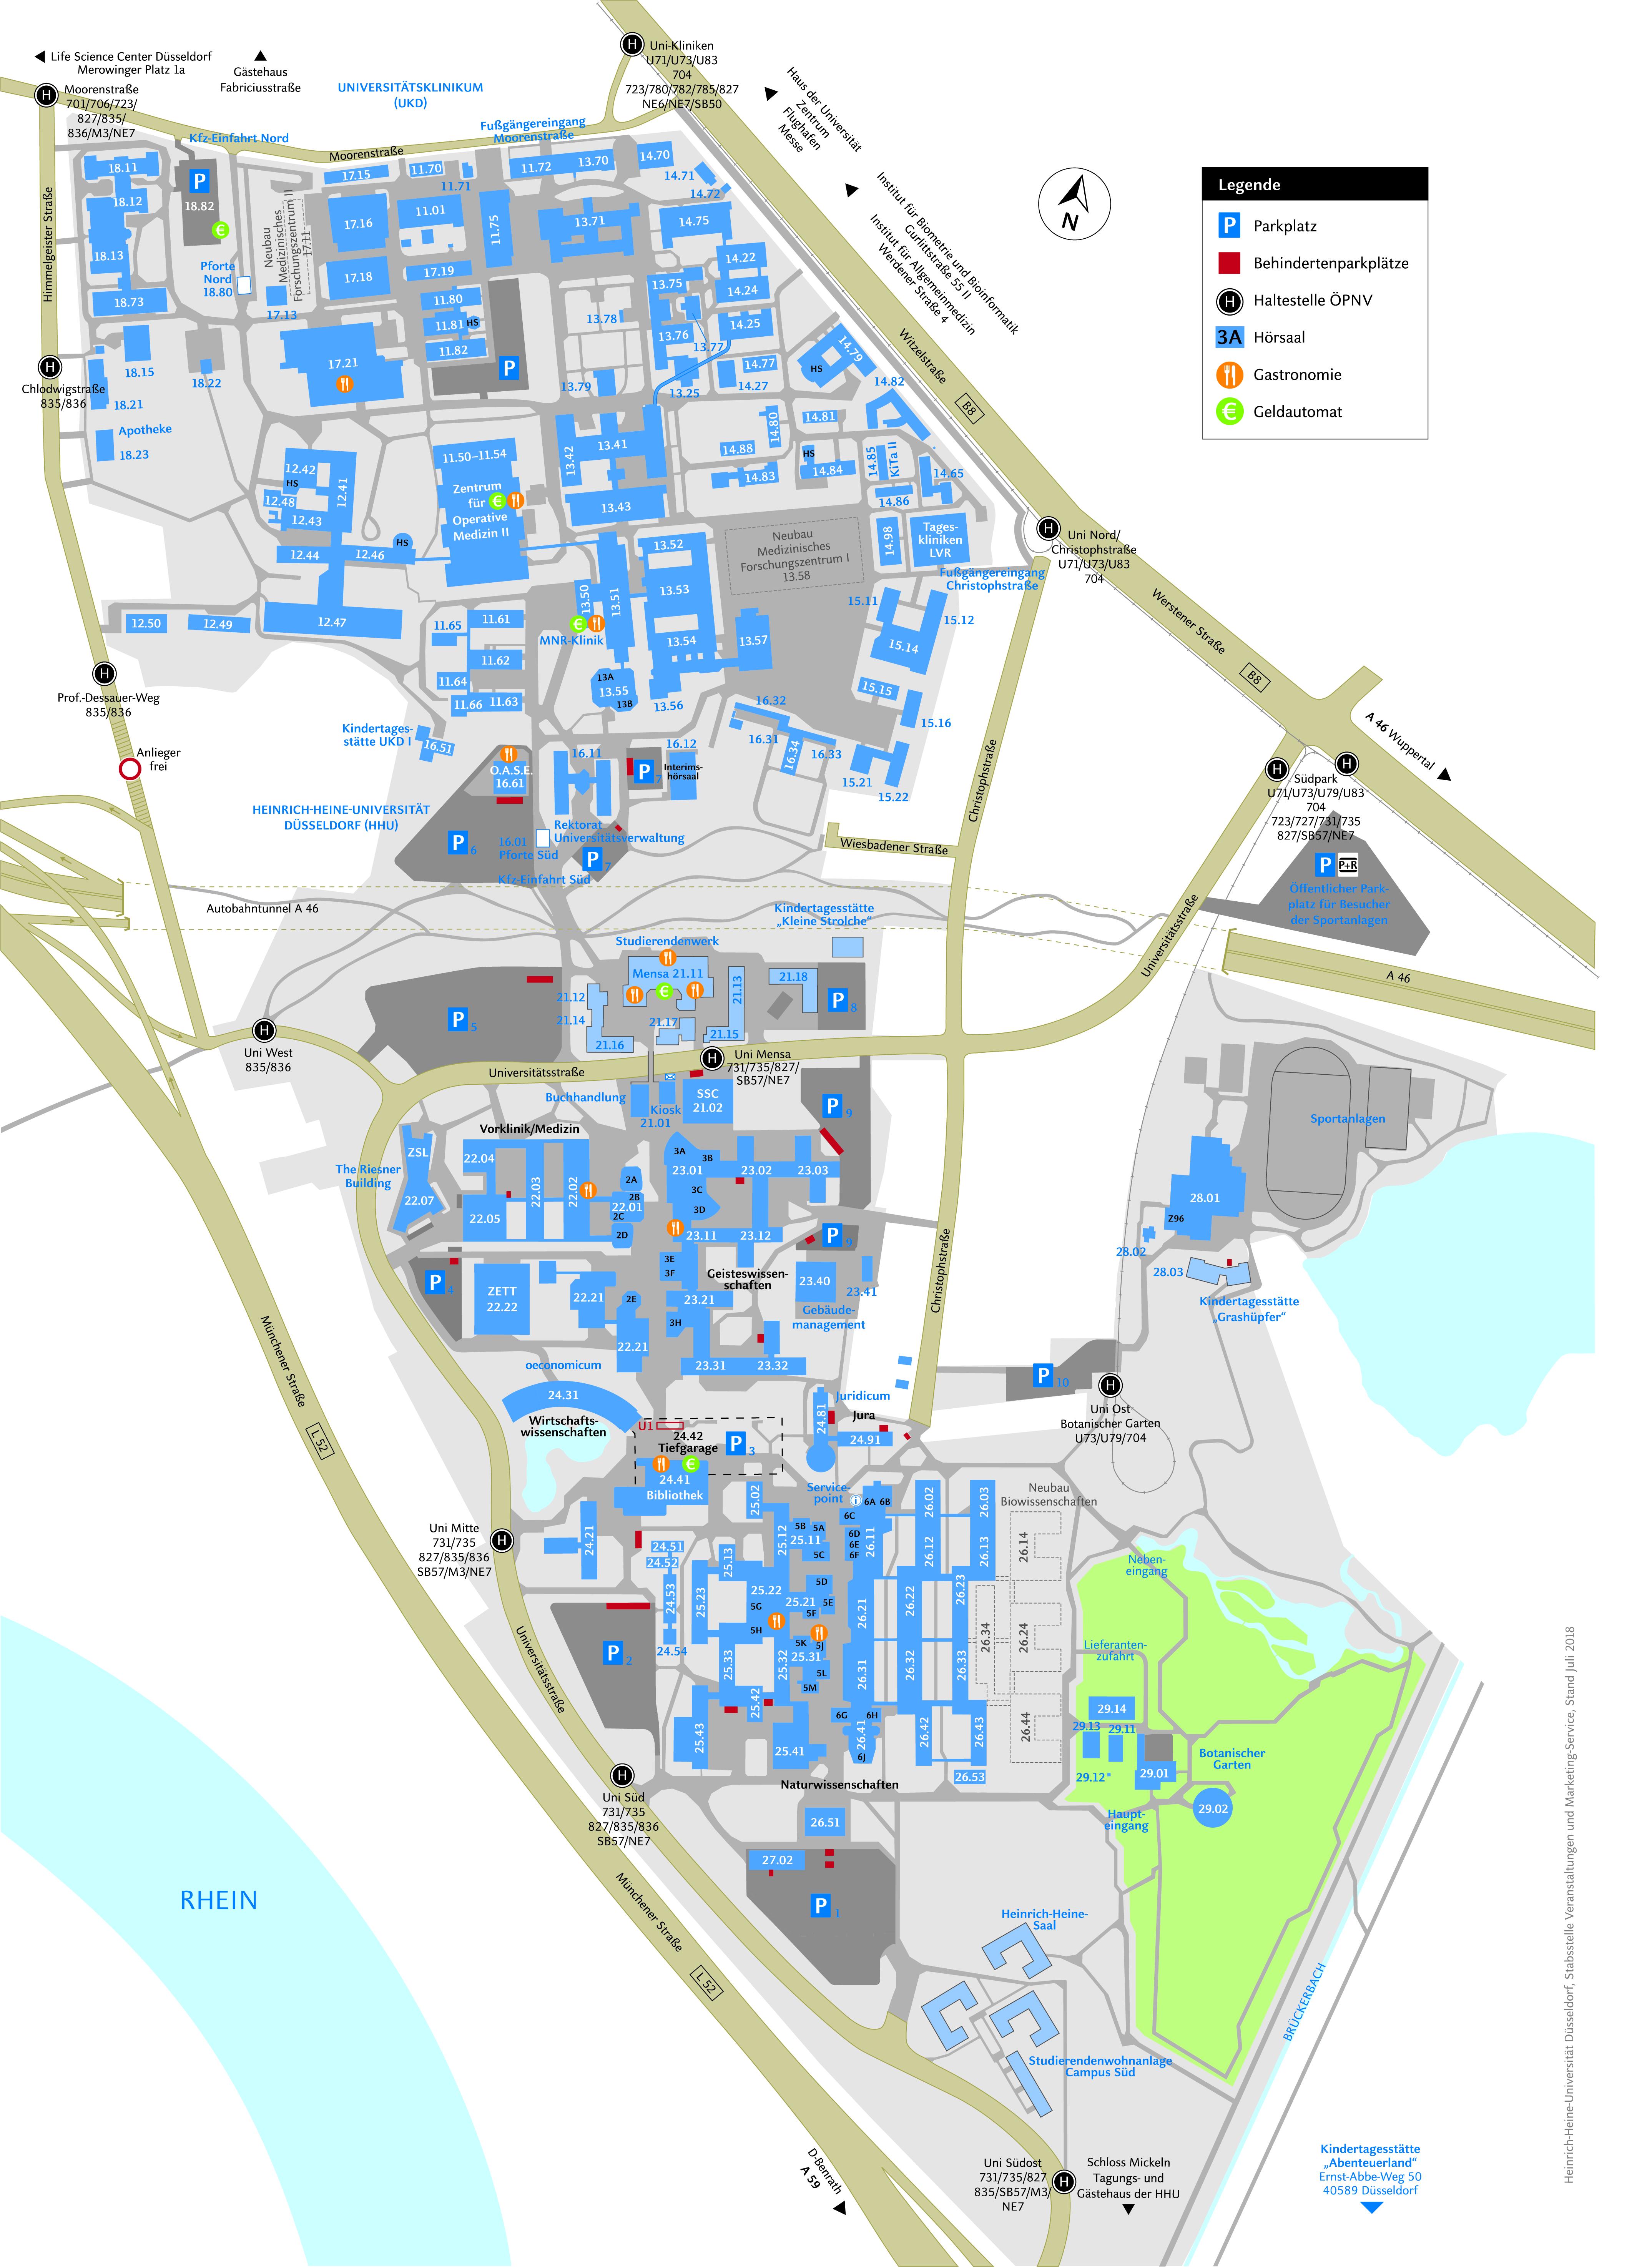 Universität Düsseldorf Lage Und Anreise